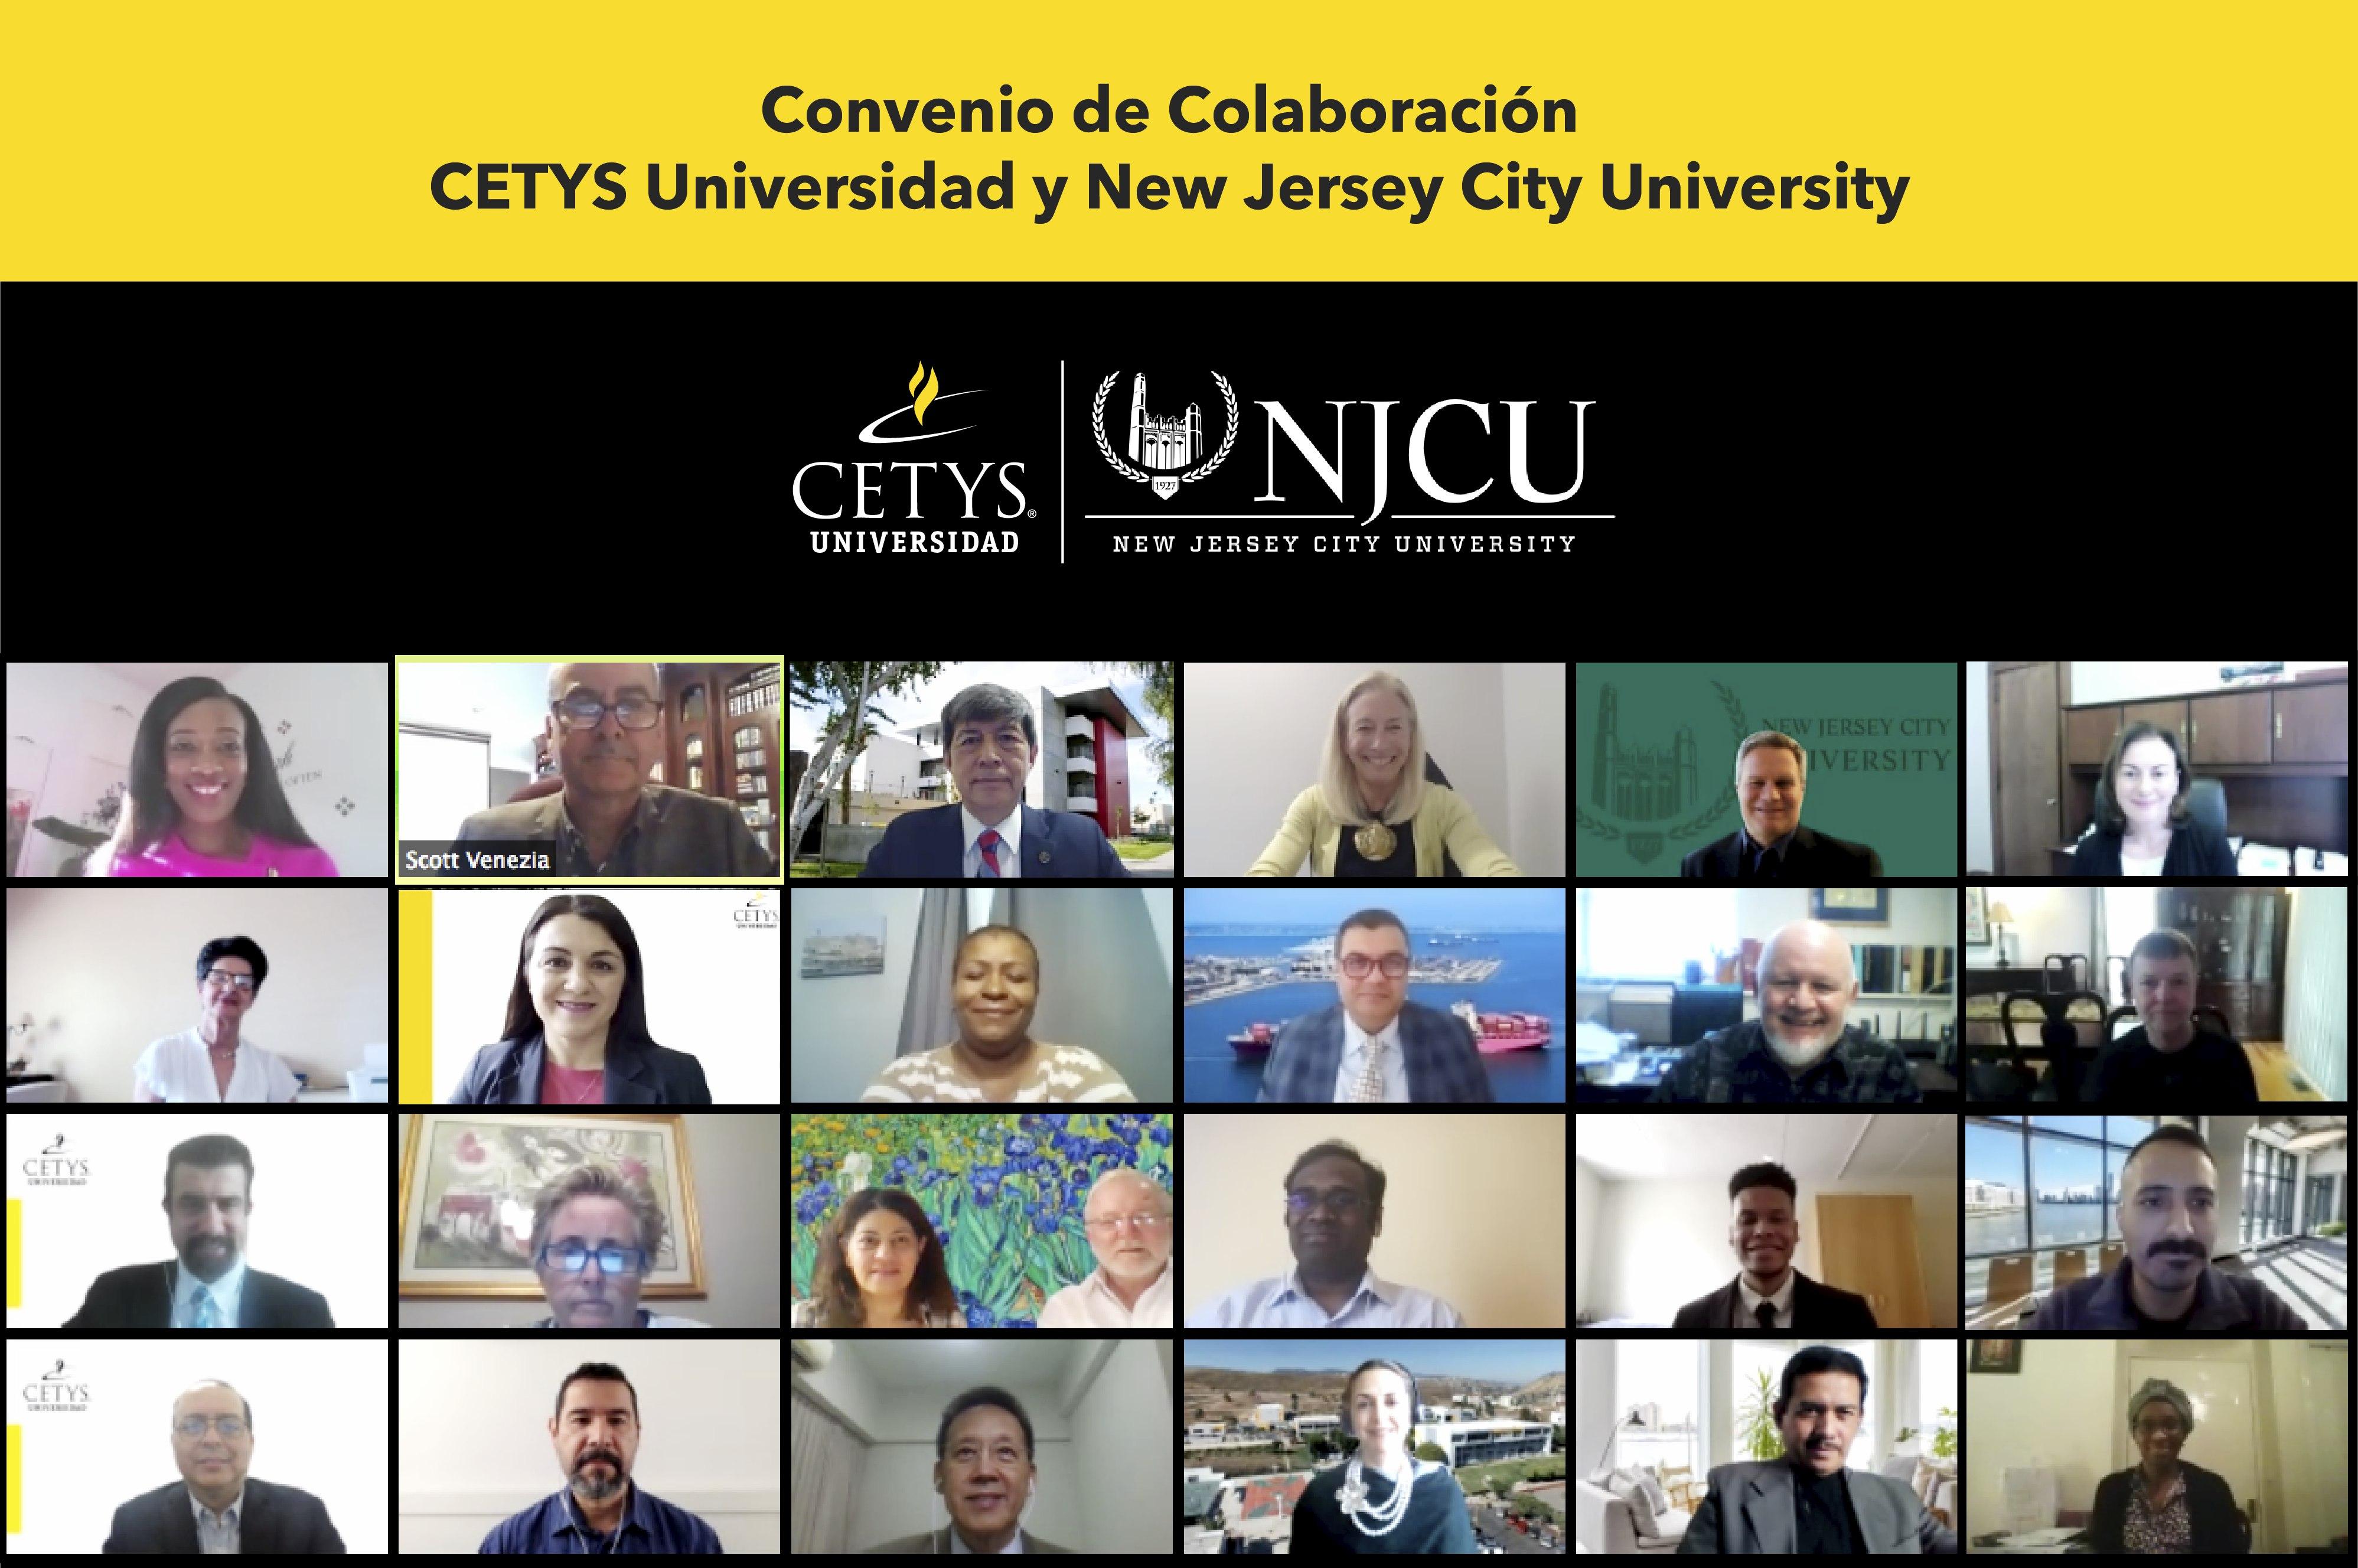 Fomenta colaboración internacional CETYS Universidad con New Jersey City University en EUA